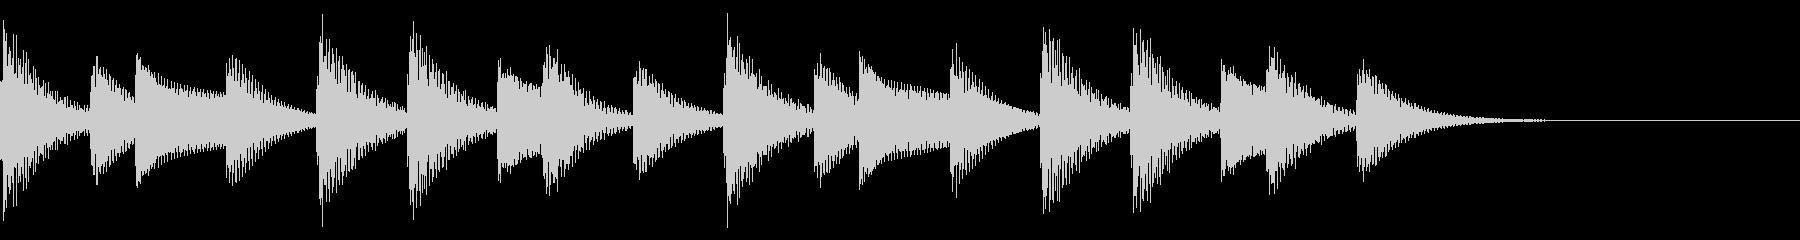 着信音、着信メロディー(ループ化)の未再生の波形